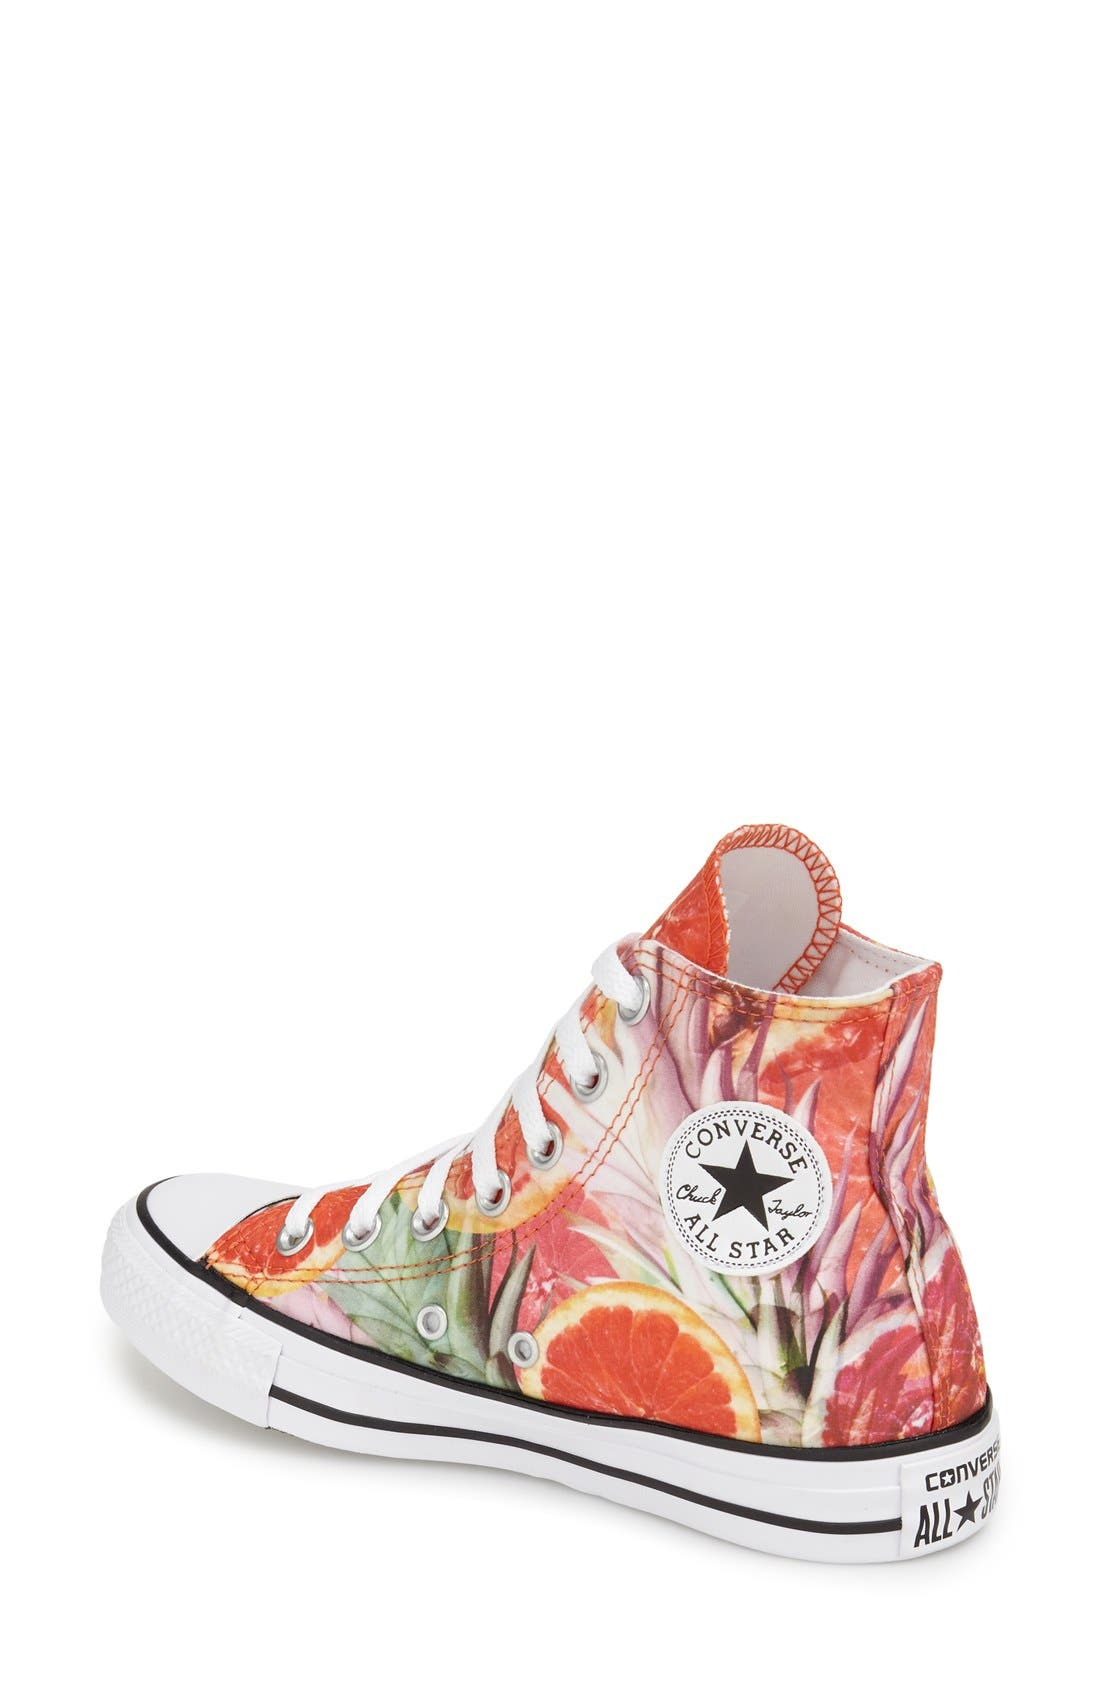 Alternate Image 2  - Converse Chuck Taylor® All Star® Grapefruit Print High Top Sneaker (Women)